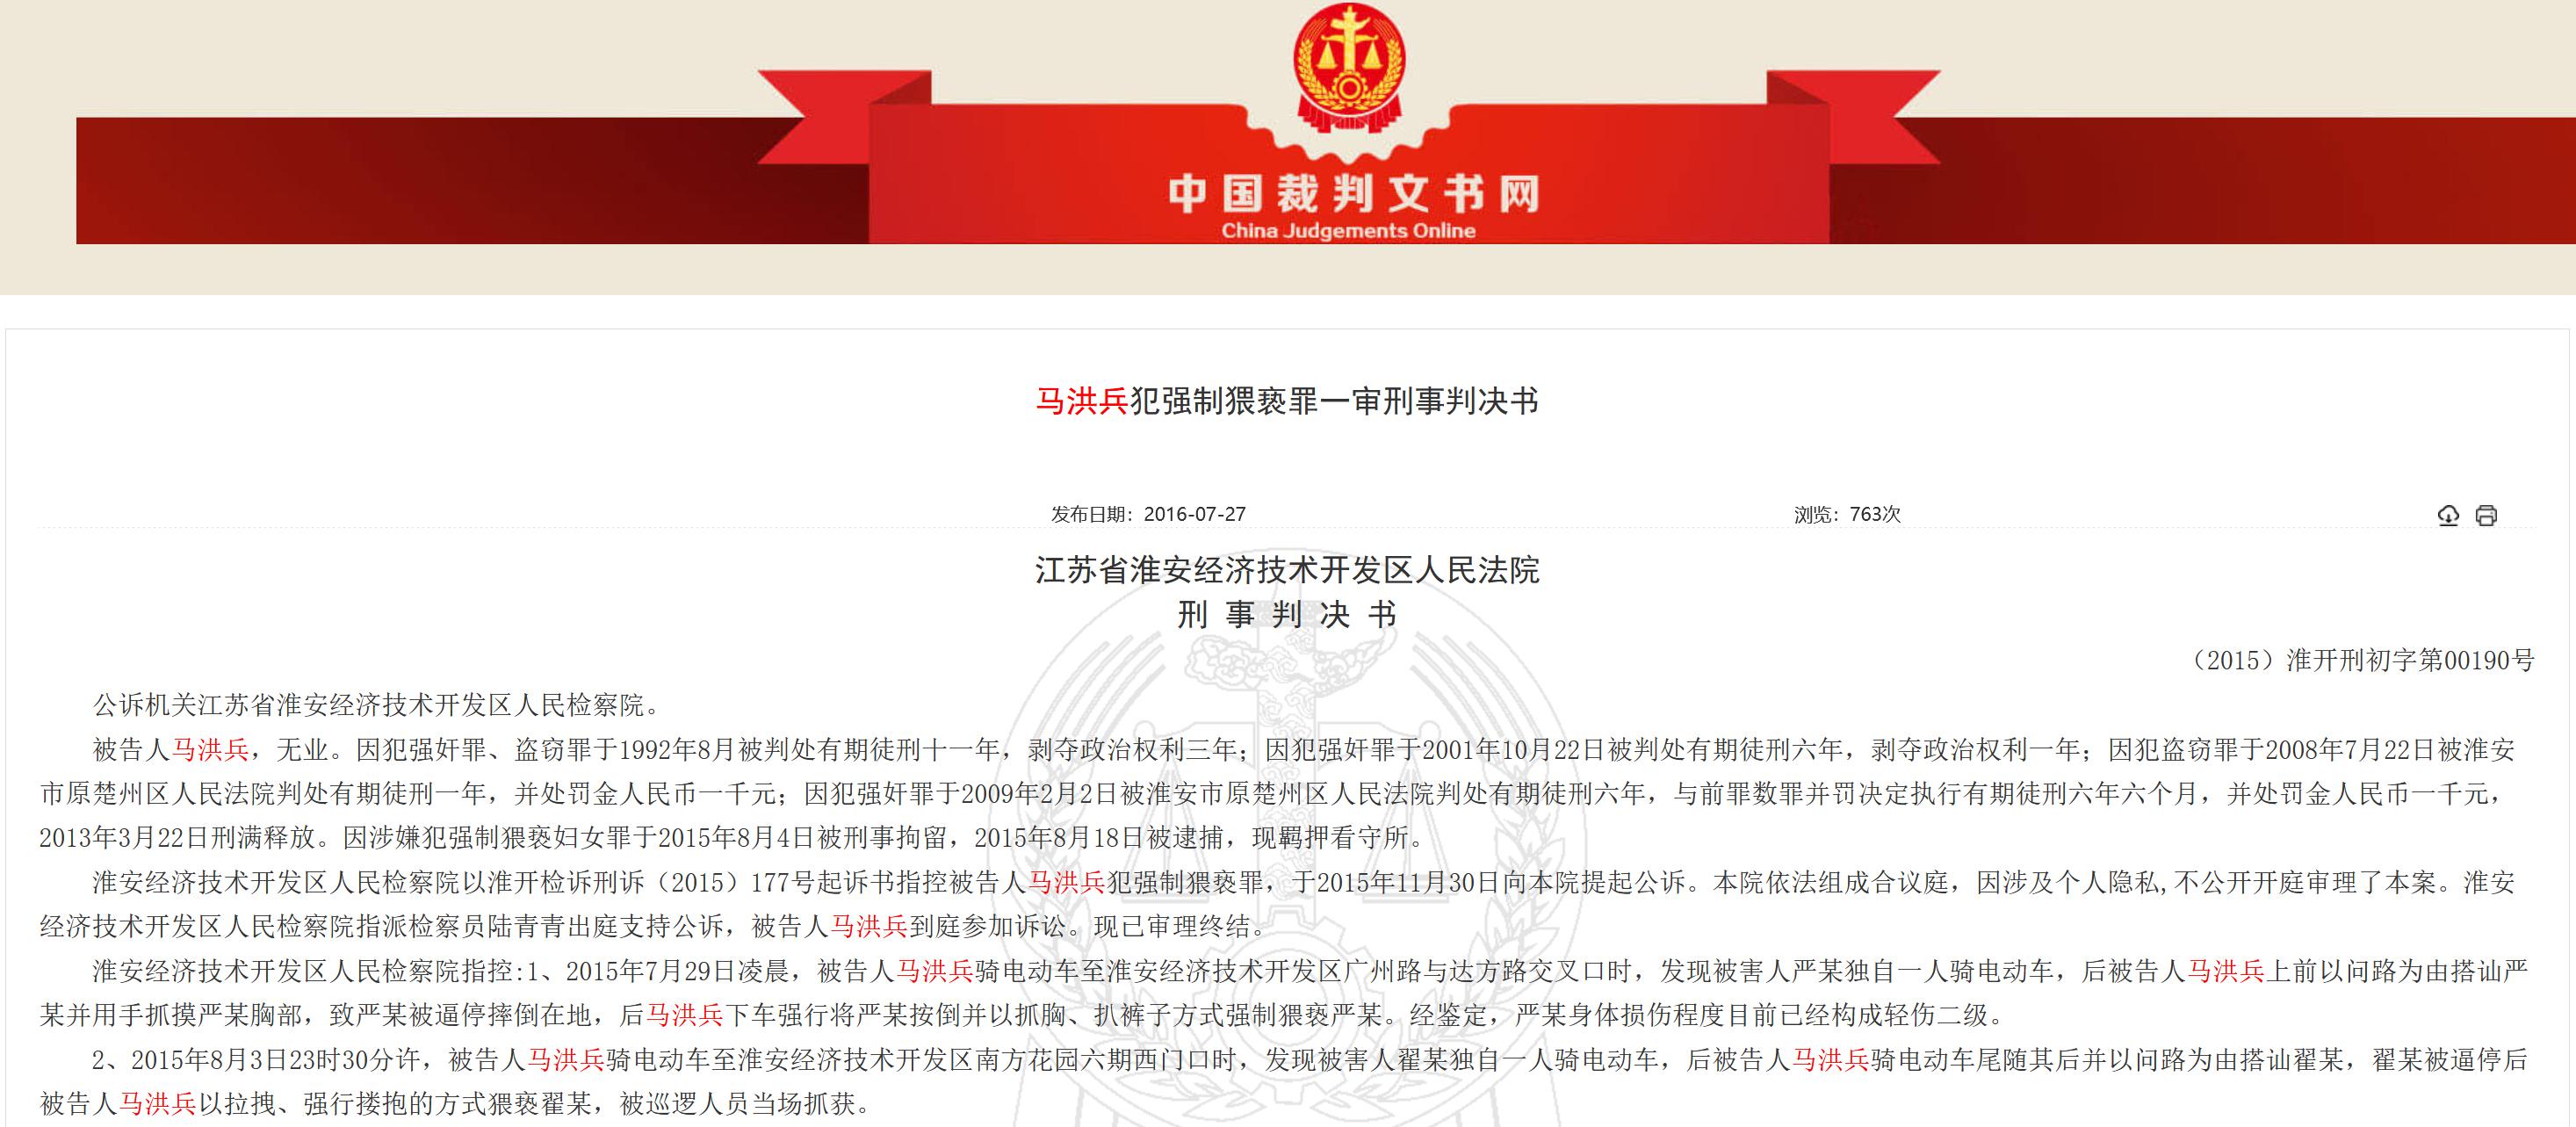 【快猫网址优化方案】_江苏袭警致2人牺牲嫌犯:6度获刑 涉强奸猥亵放火等